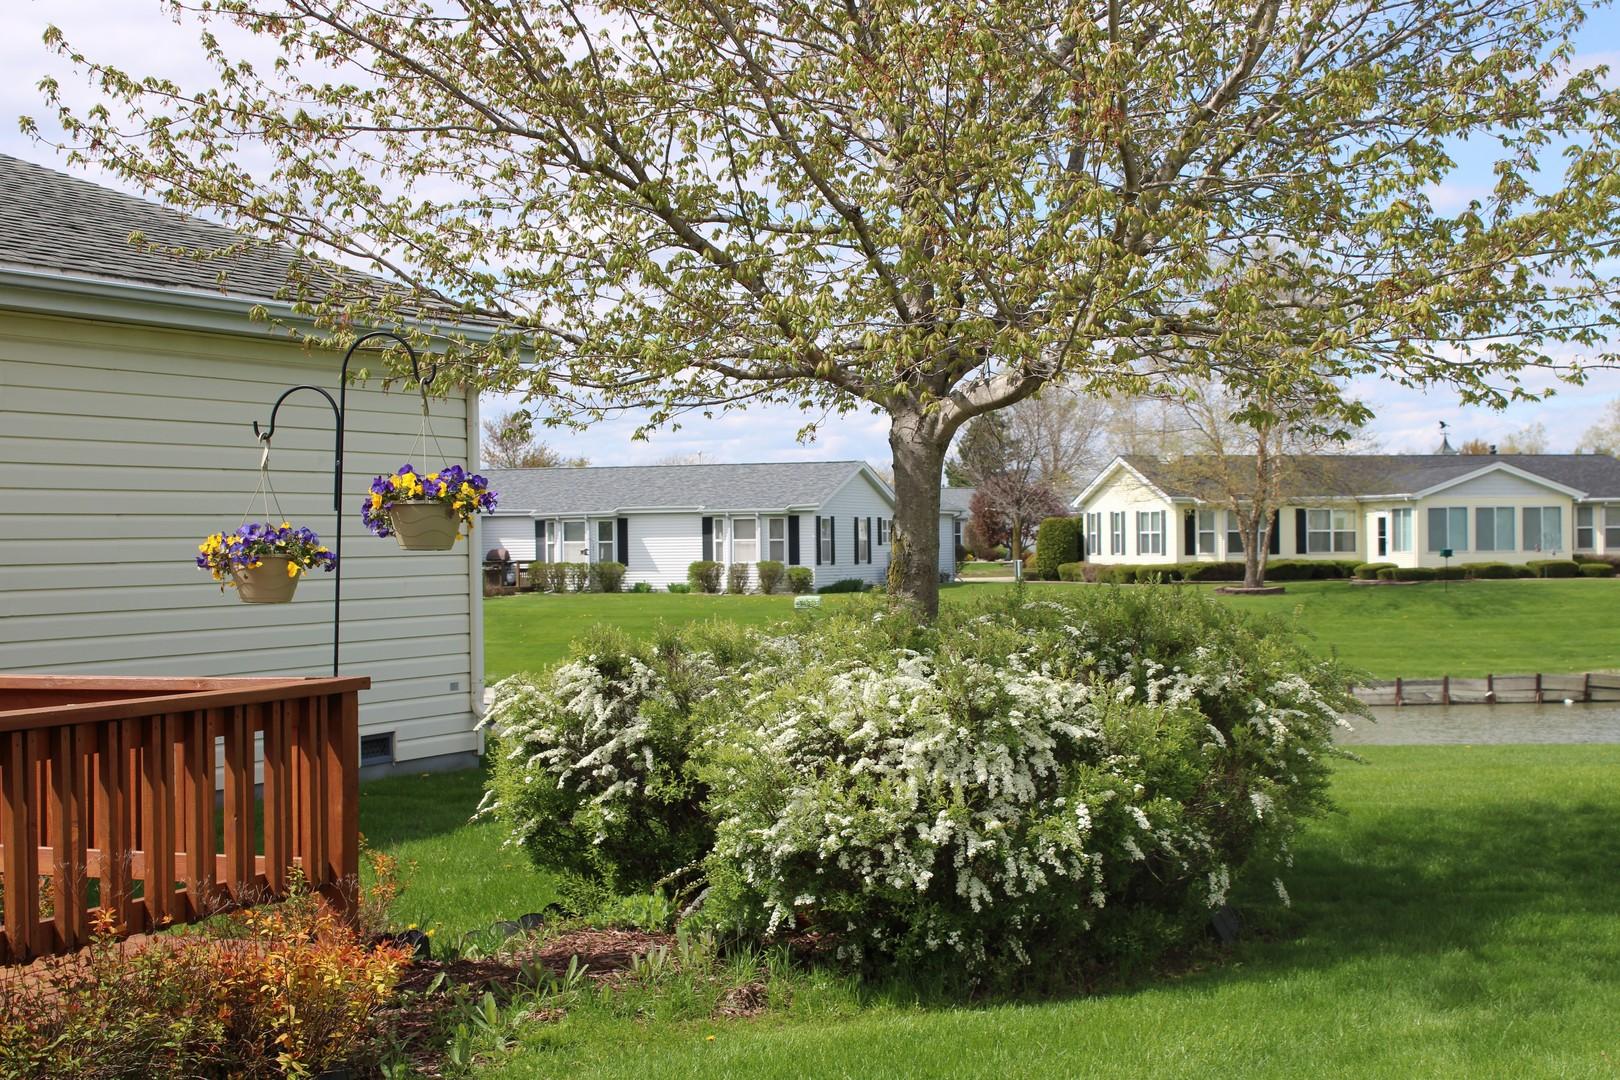 1823 Paddock, Grayslake, Illinois, 60030